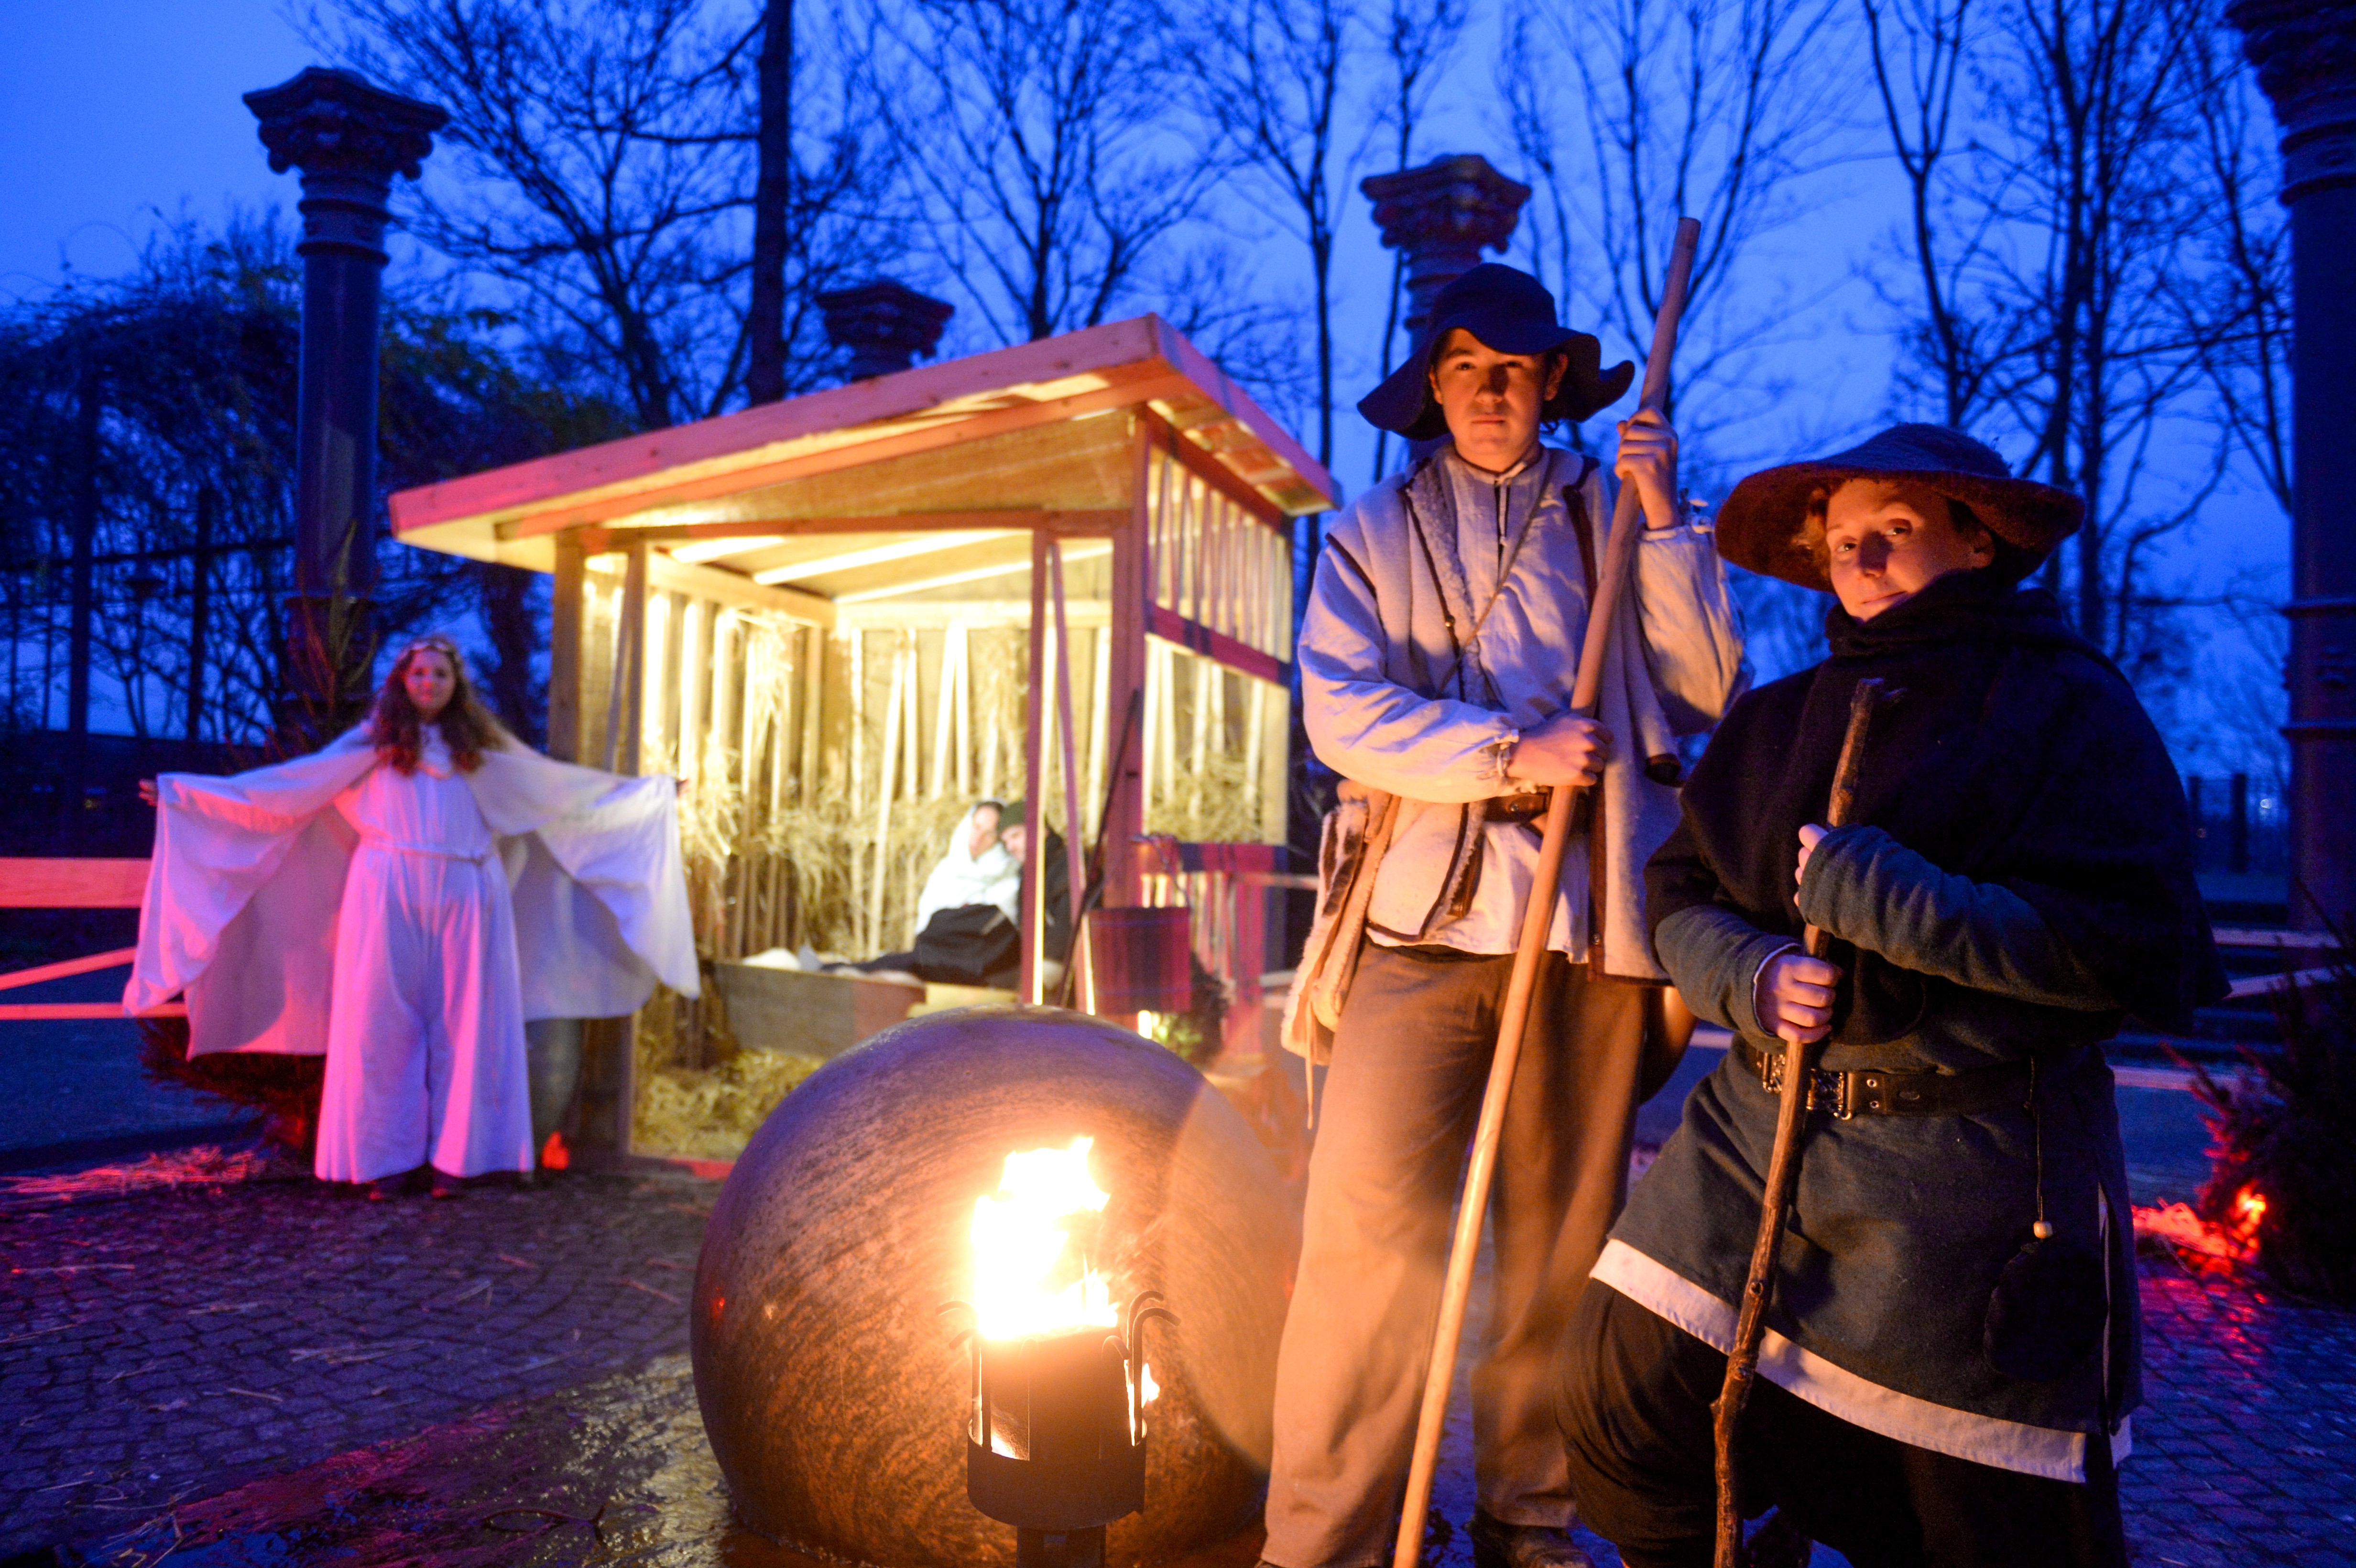 Broicher Schlossweihnacht 2015 - das berühmte Krippenspiel!